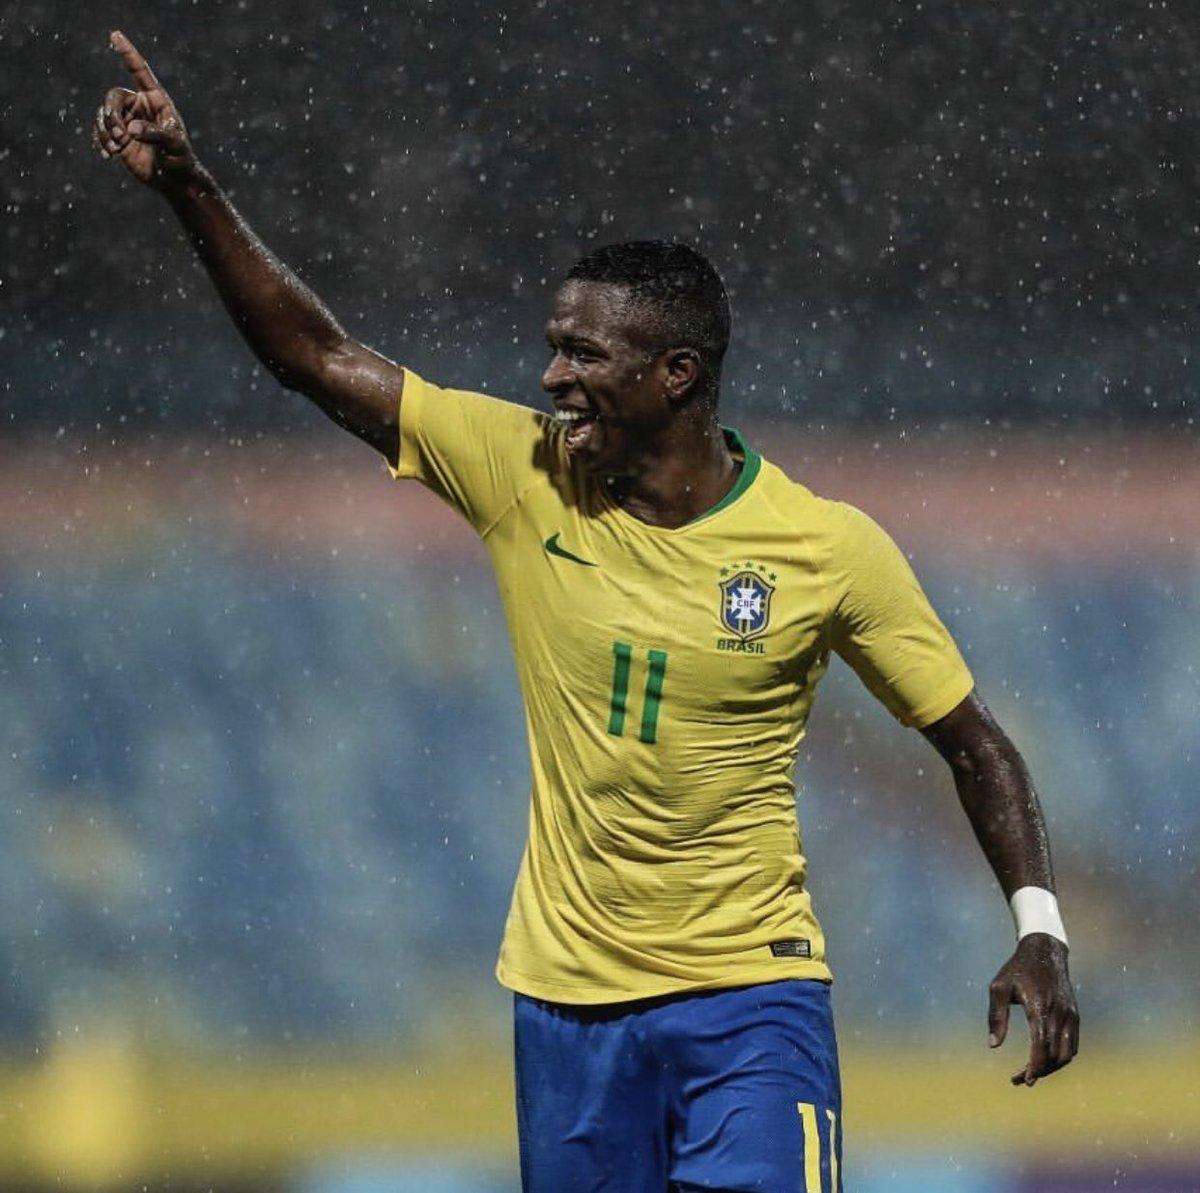 Es la primera vez que Vinicius Junior, de 18 años, es llamado para la selección absoluta de Brasil